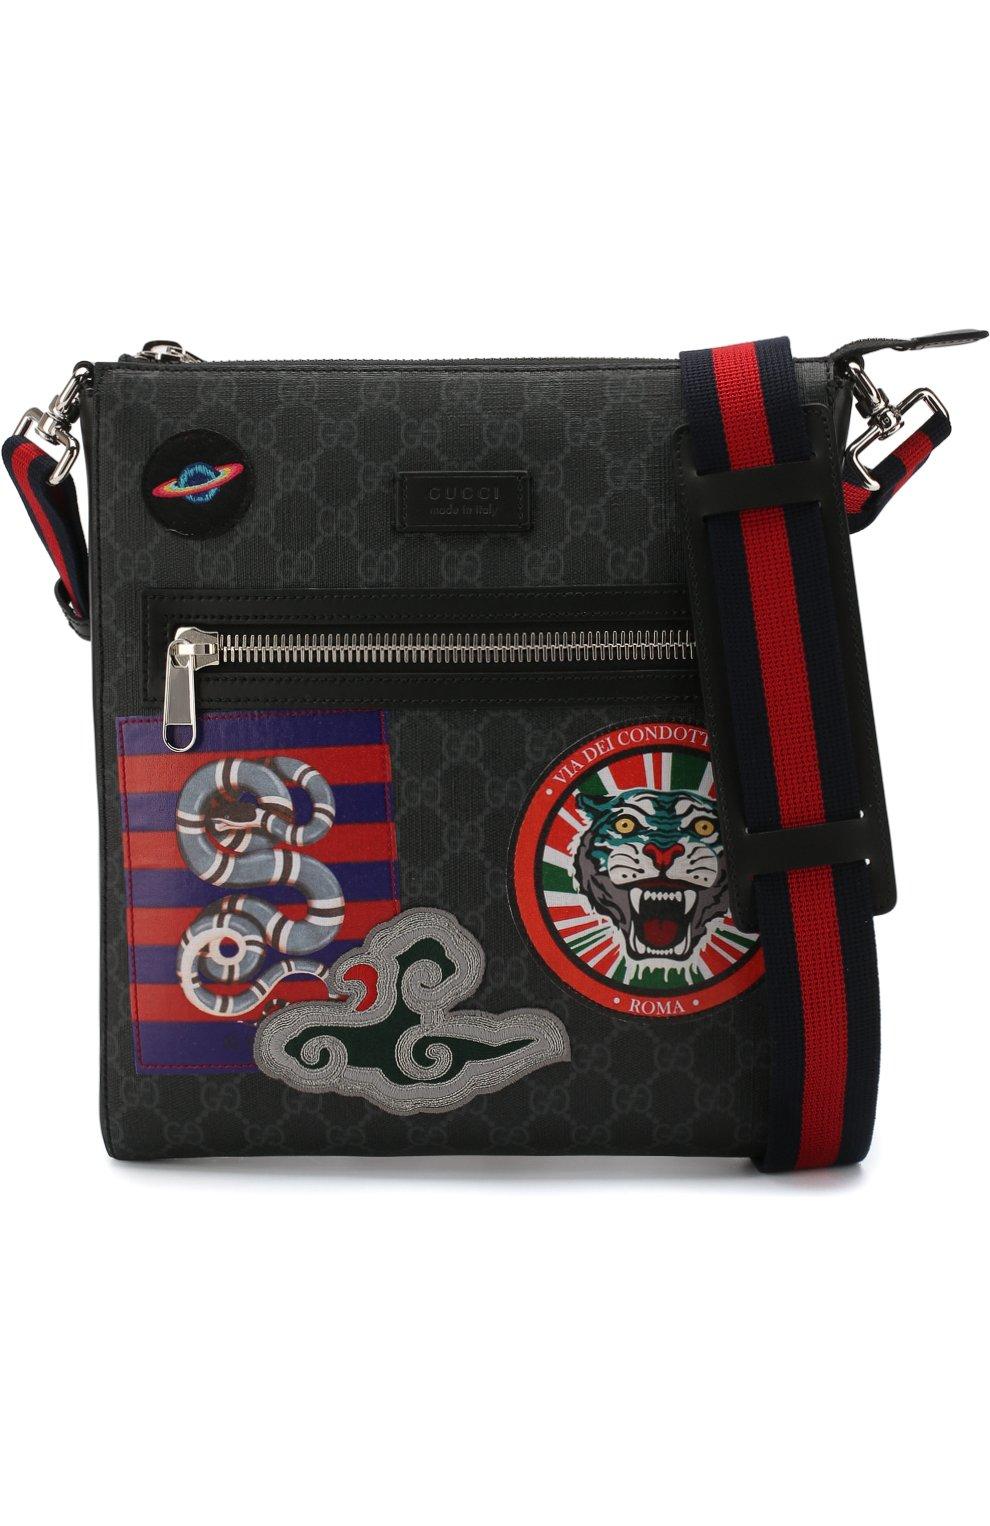 2a96d3a7c03f Мужские сумки Rick Owens купить в интернет-магазине ЦУМ - товар распродан